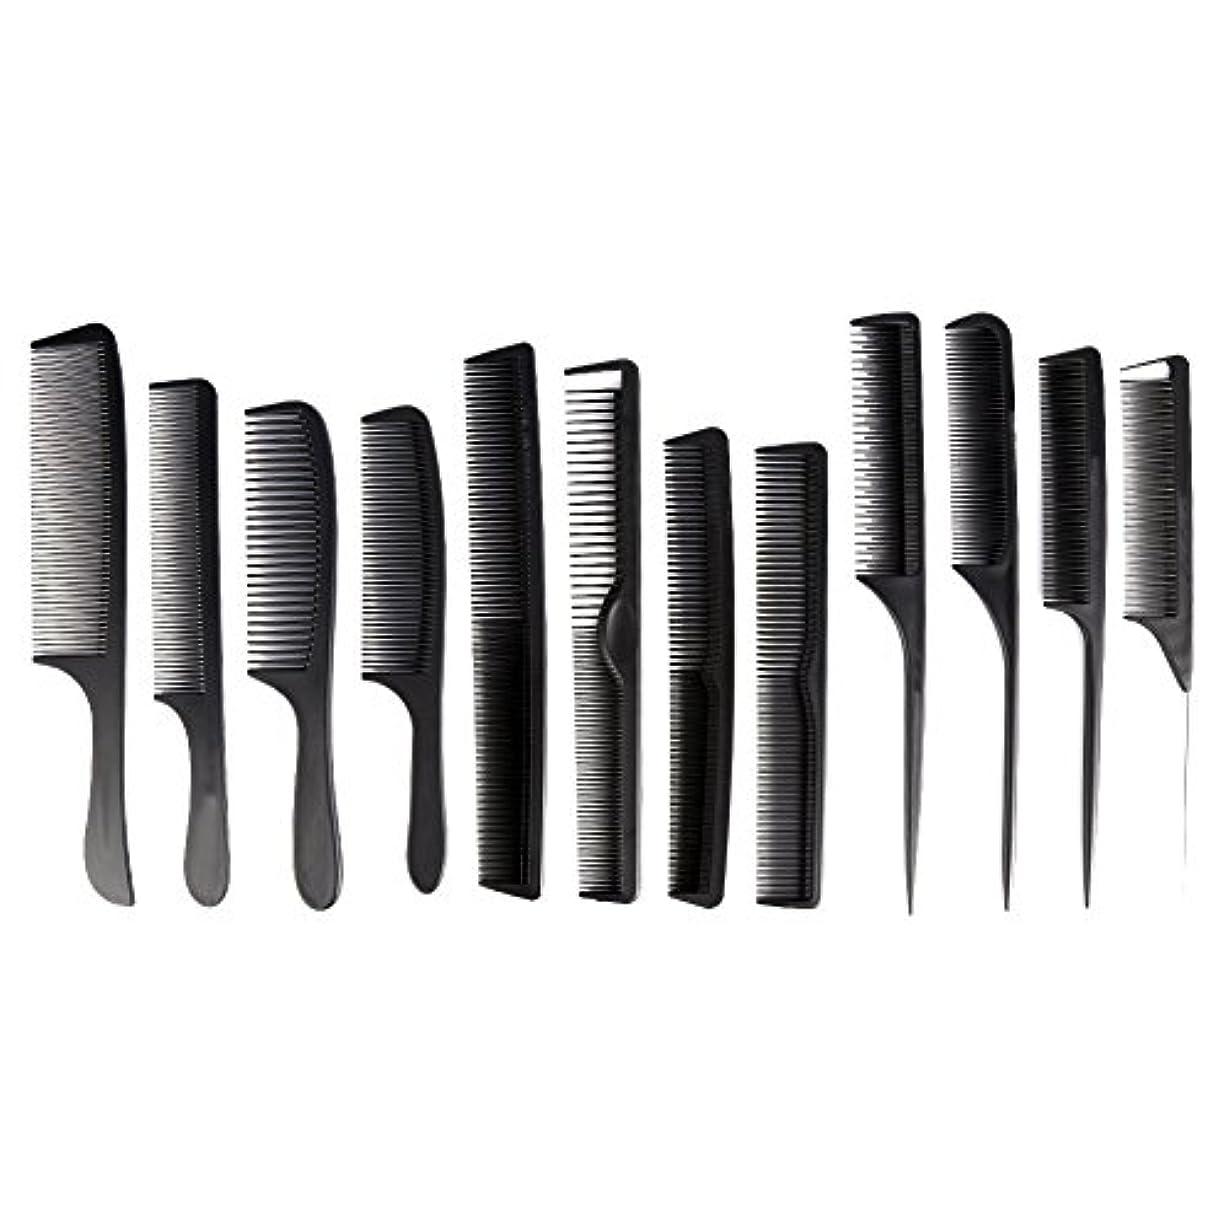 代わりにこれらリングレットカットコーム 散髪用コーム コームセット12点セット プロ用ヘアコーム  静電気減少 軽量 サロン/美容室/床屋など適用